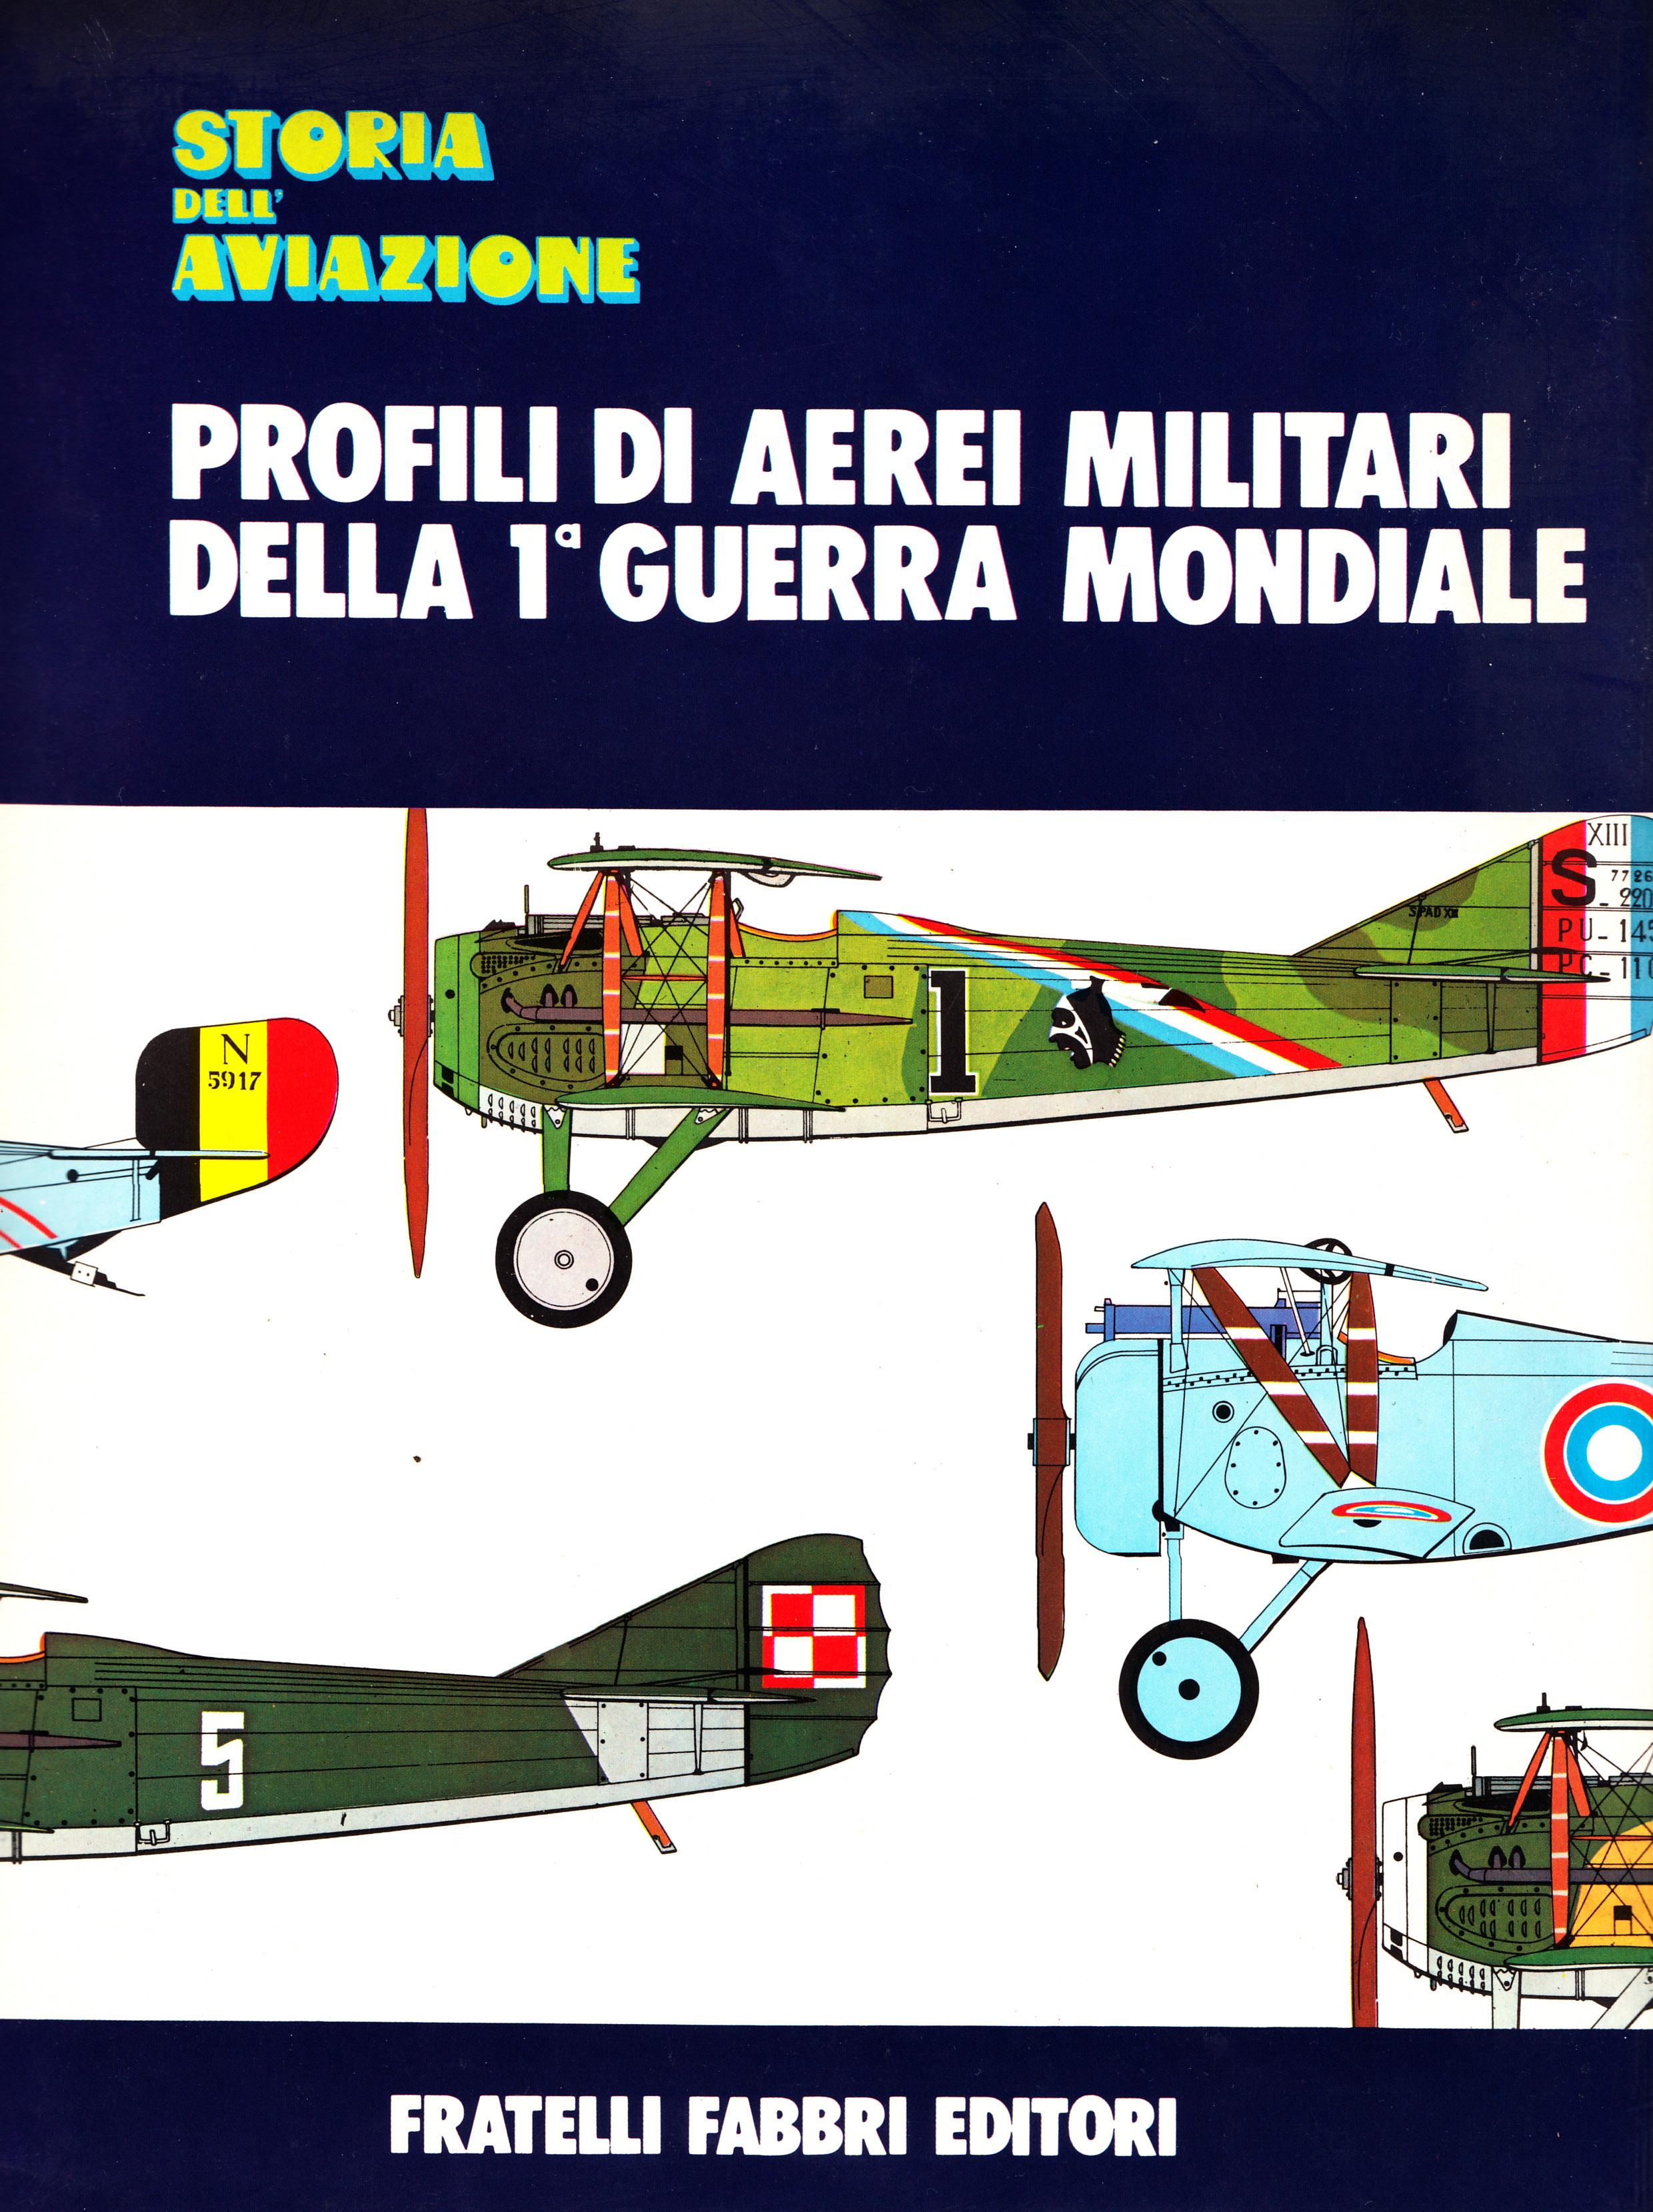 Profili di aerei militari della 1ª Guerra Mondiale